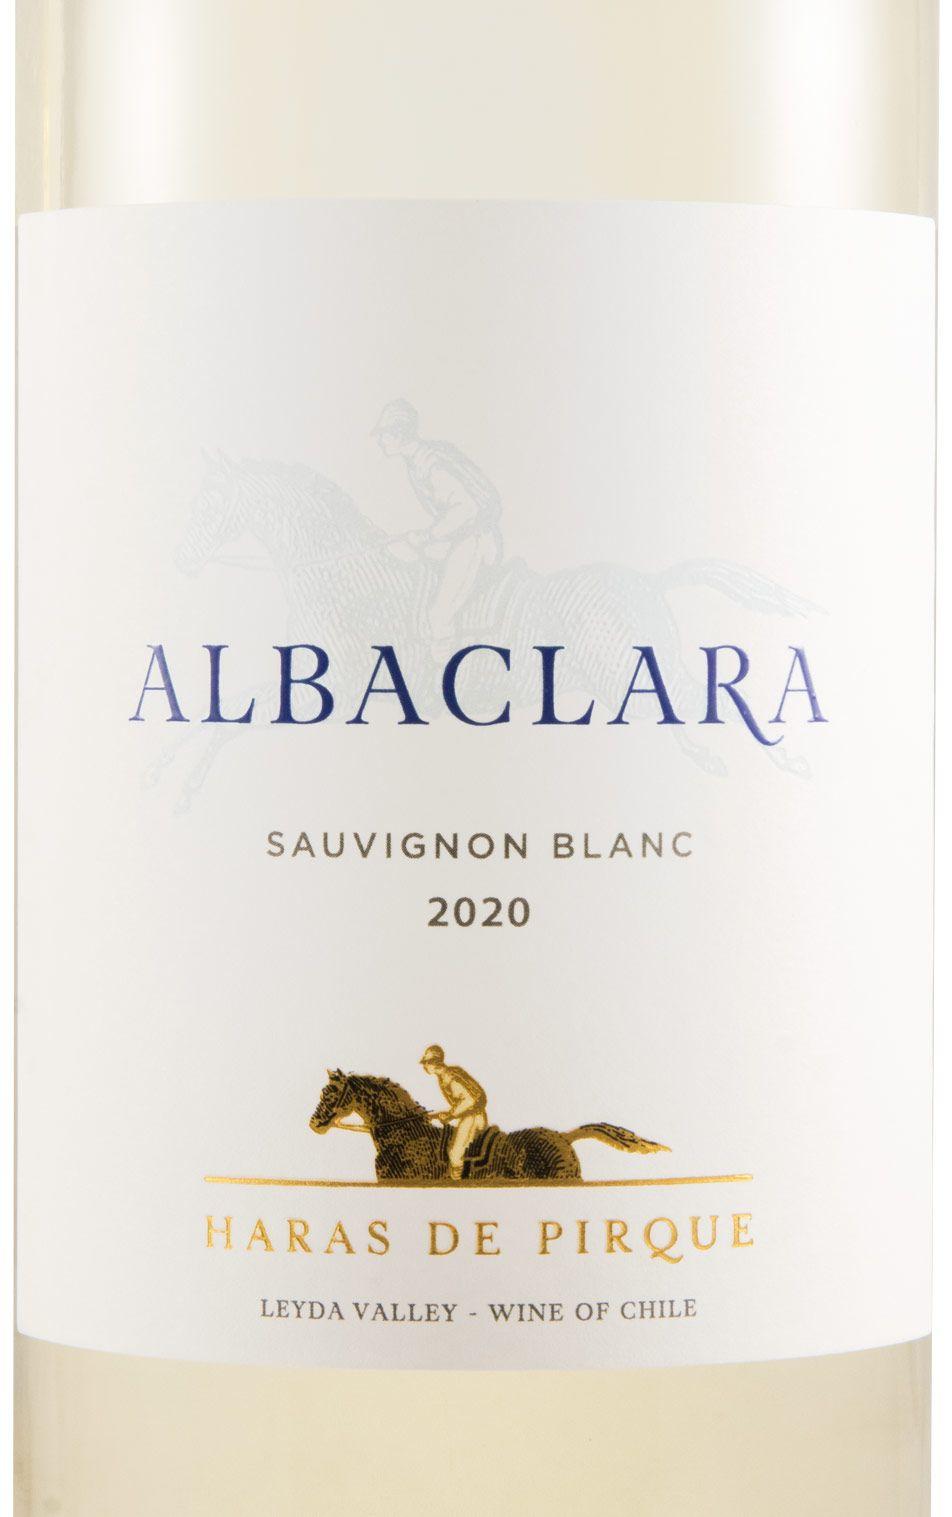 2020 Viña Haras de Pirque Albaclara Sauvignon Blanc branco